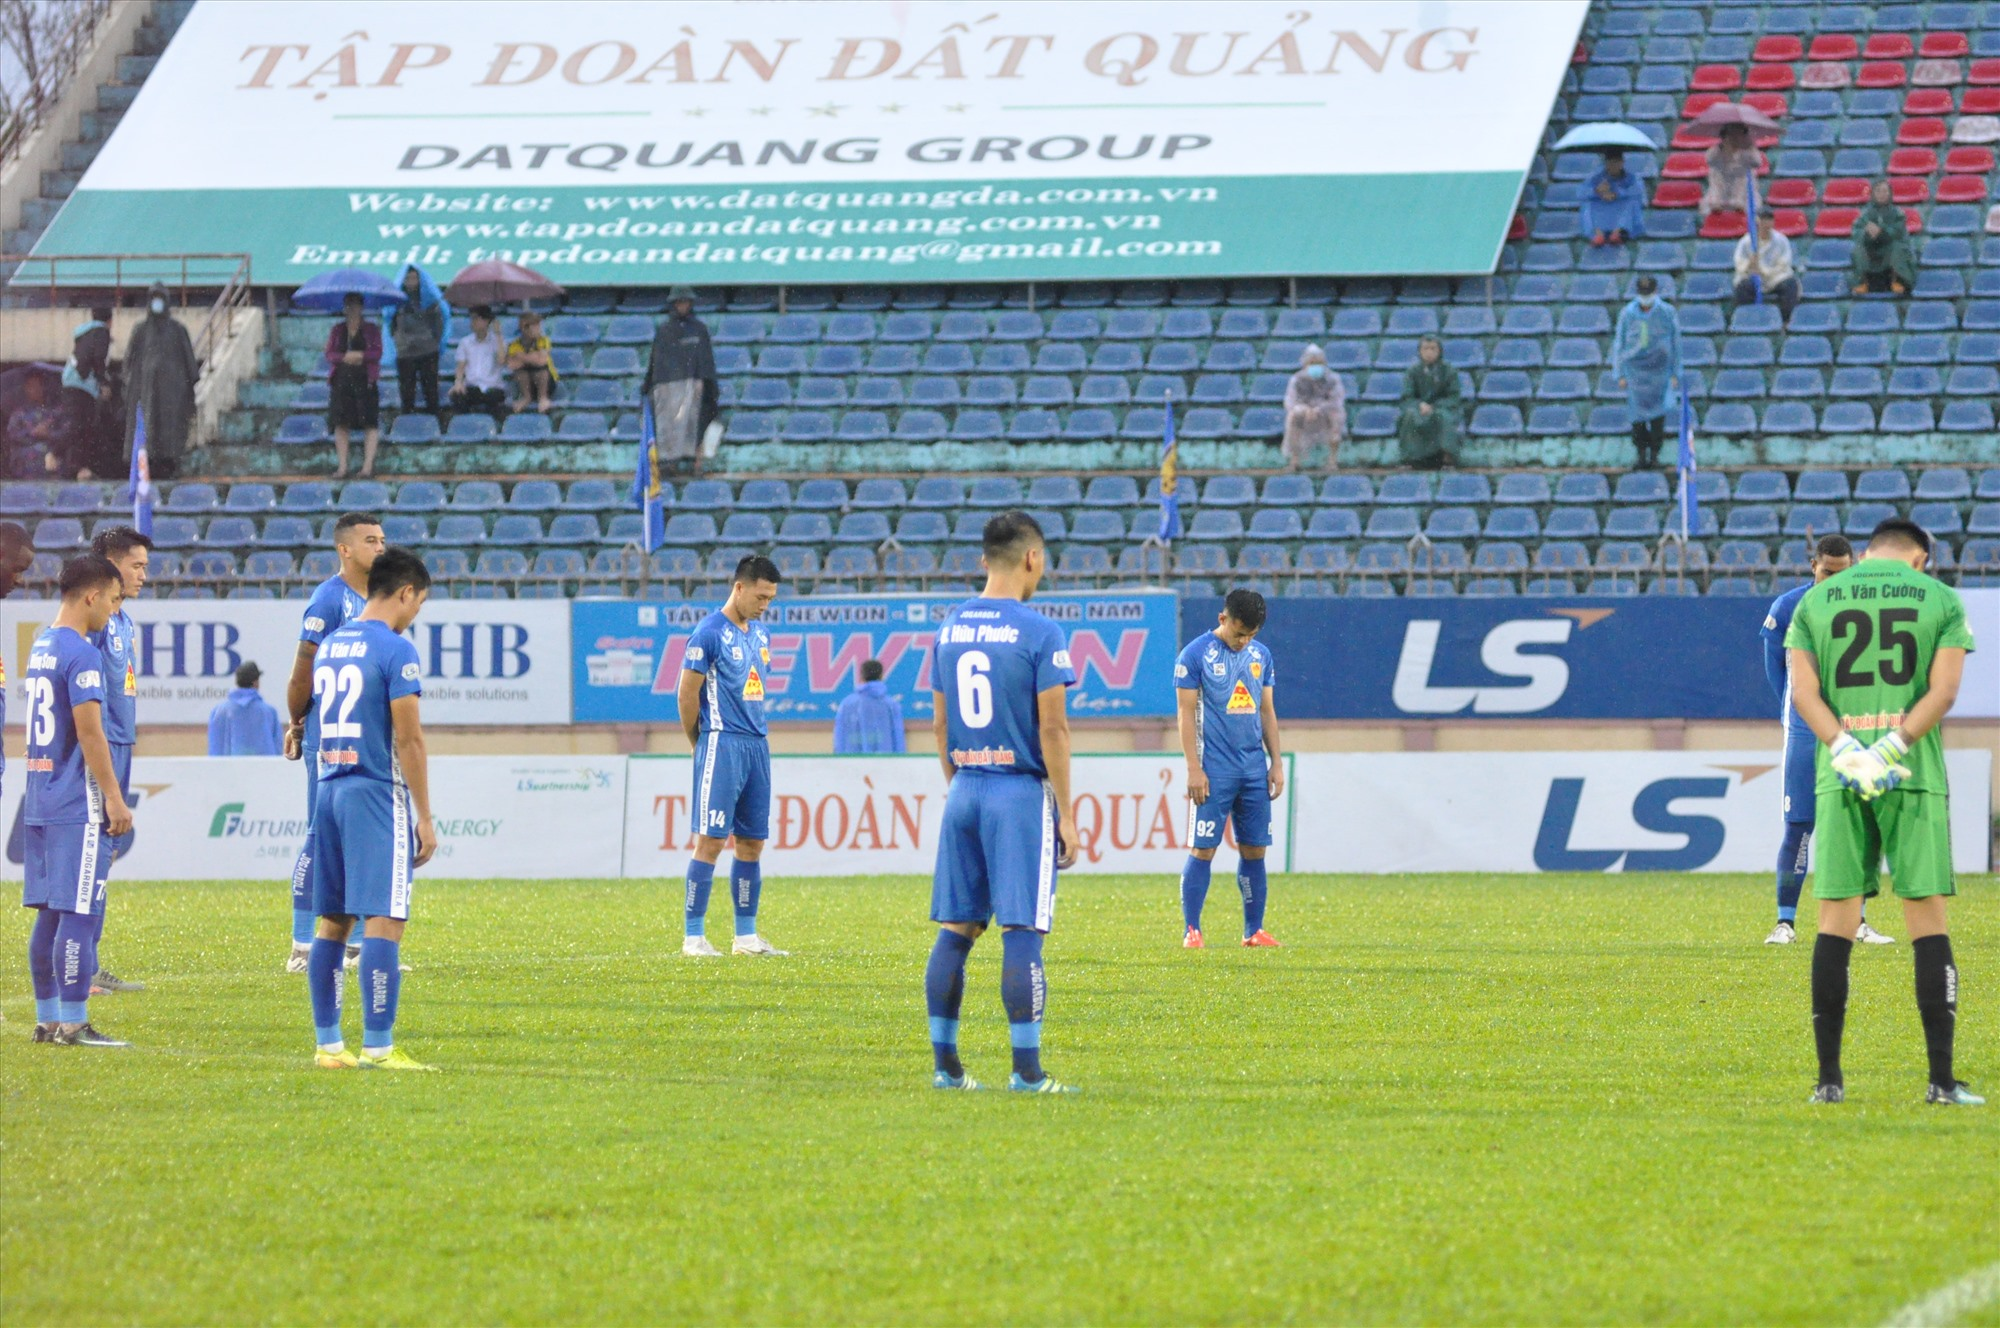 Trước khi trận đấu bắt đầu, cả hai đội và khán giả trên sân dành 1 phút mặc niệm những người đã chết trong phòng chống lũ lụt vừa qua. Ảnh: T.V